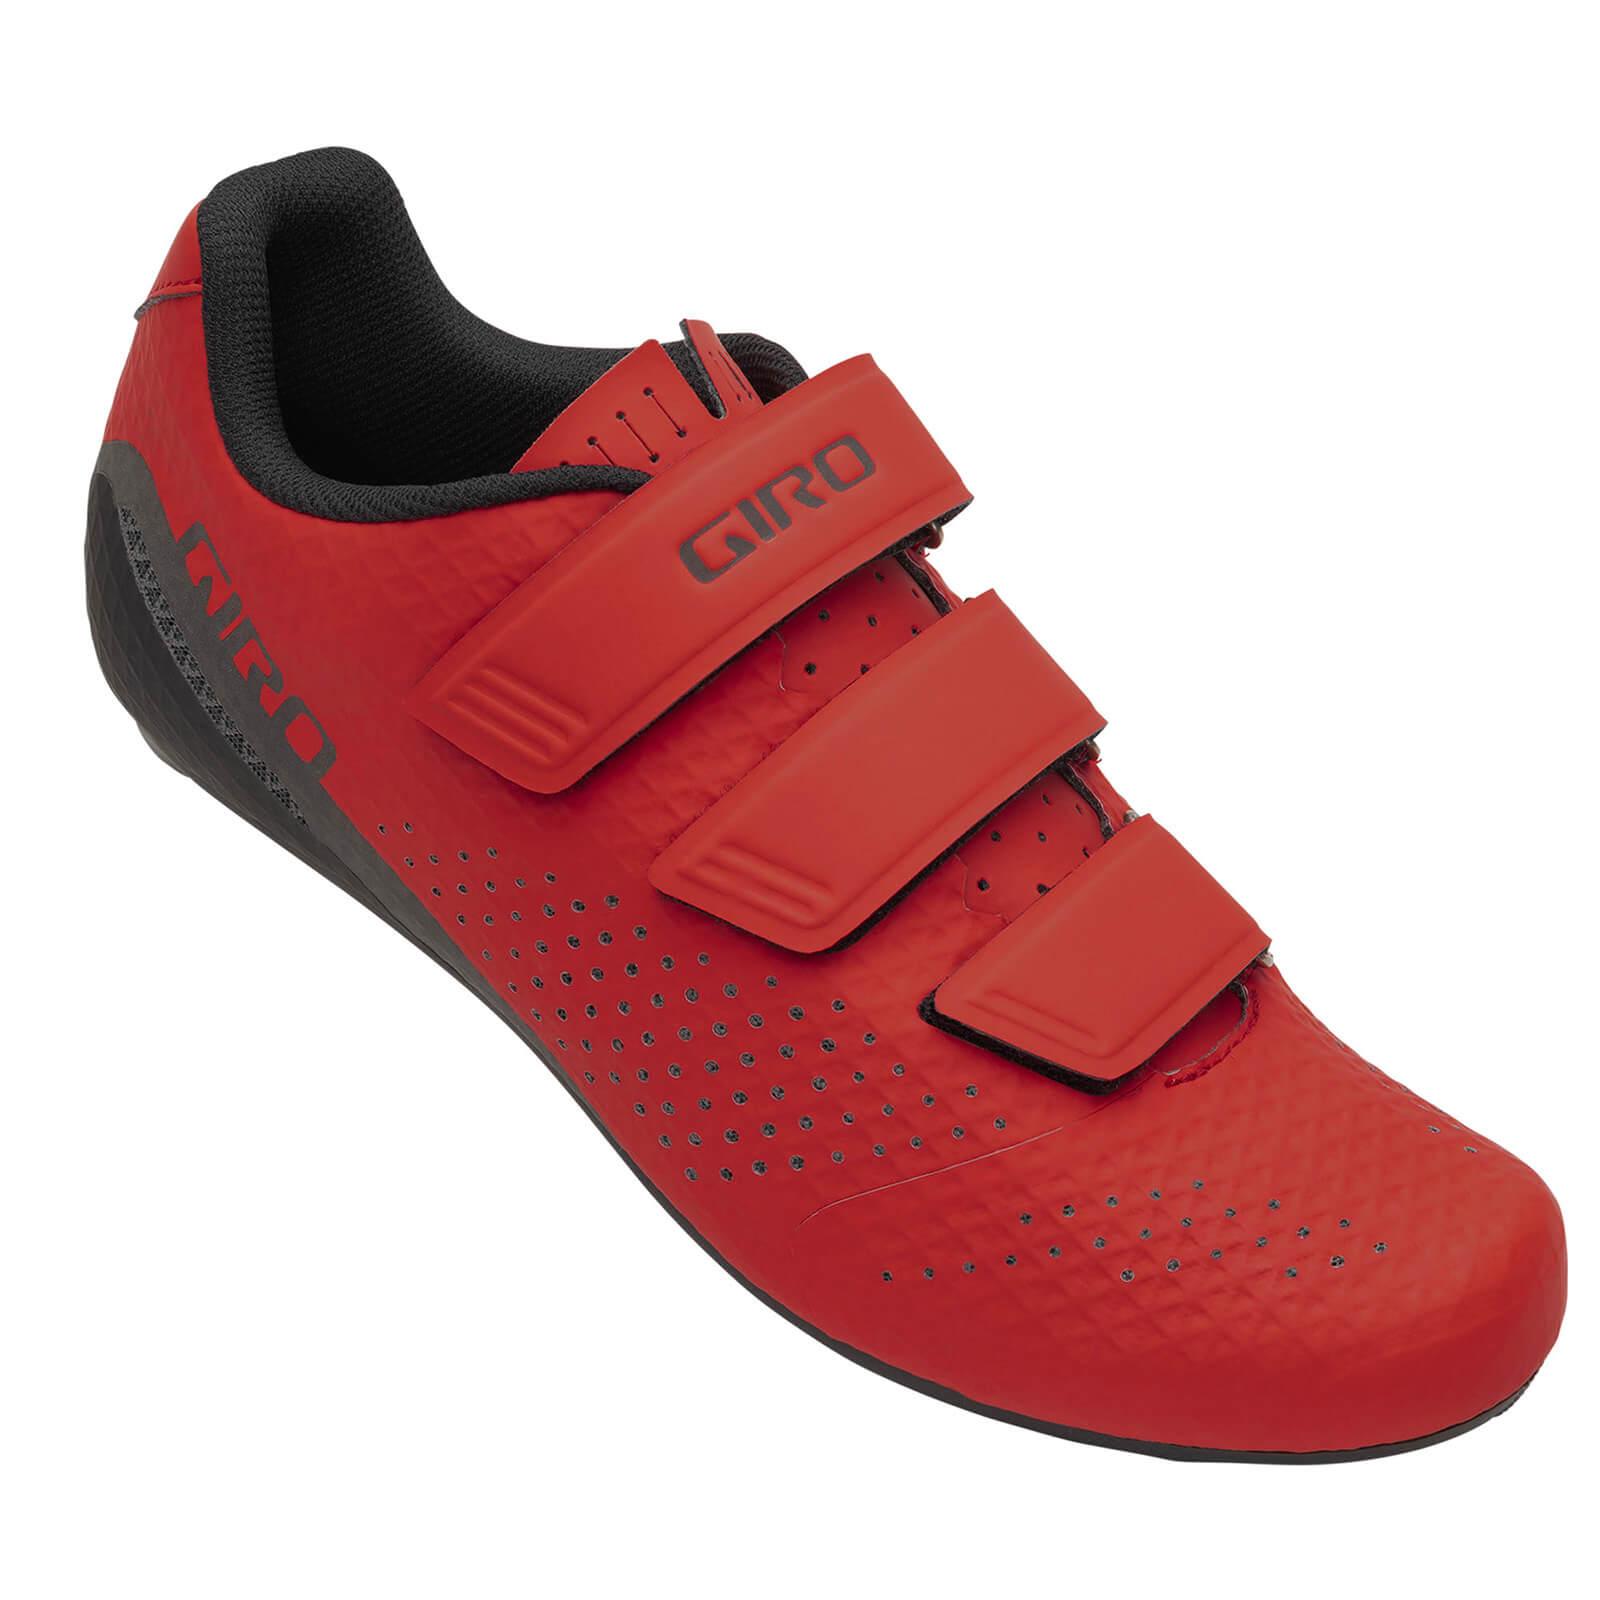 Giro Stylus Road Shoe - EU 45 - Red